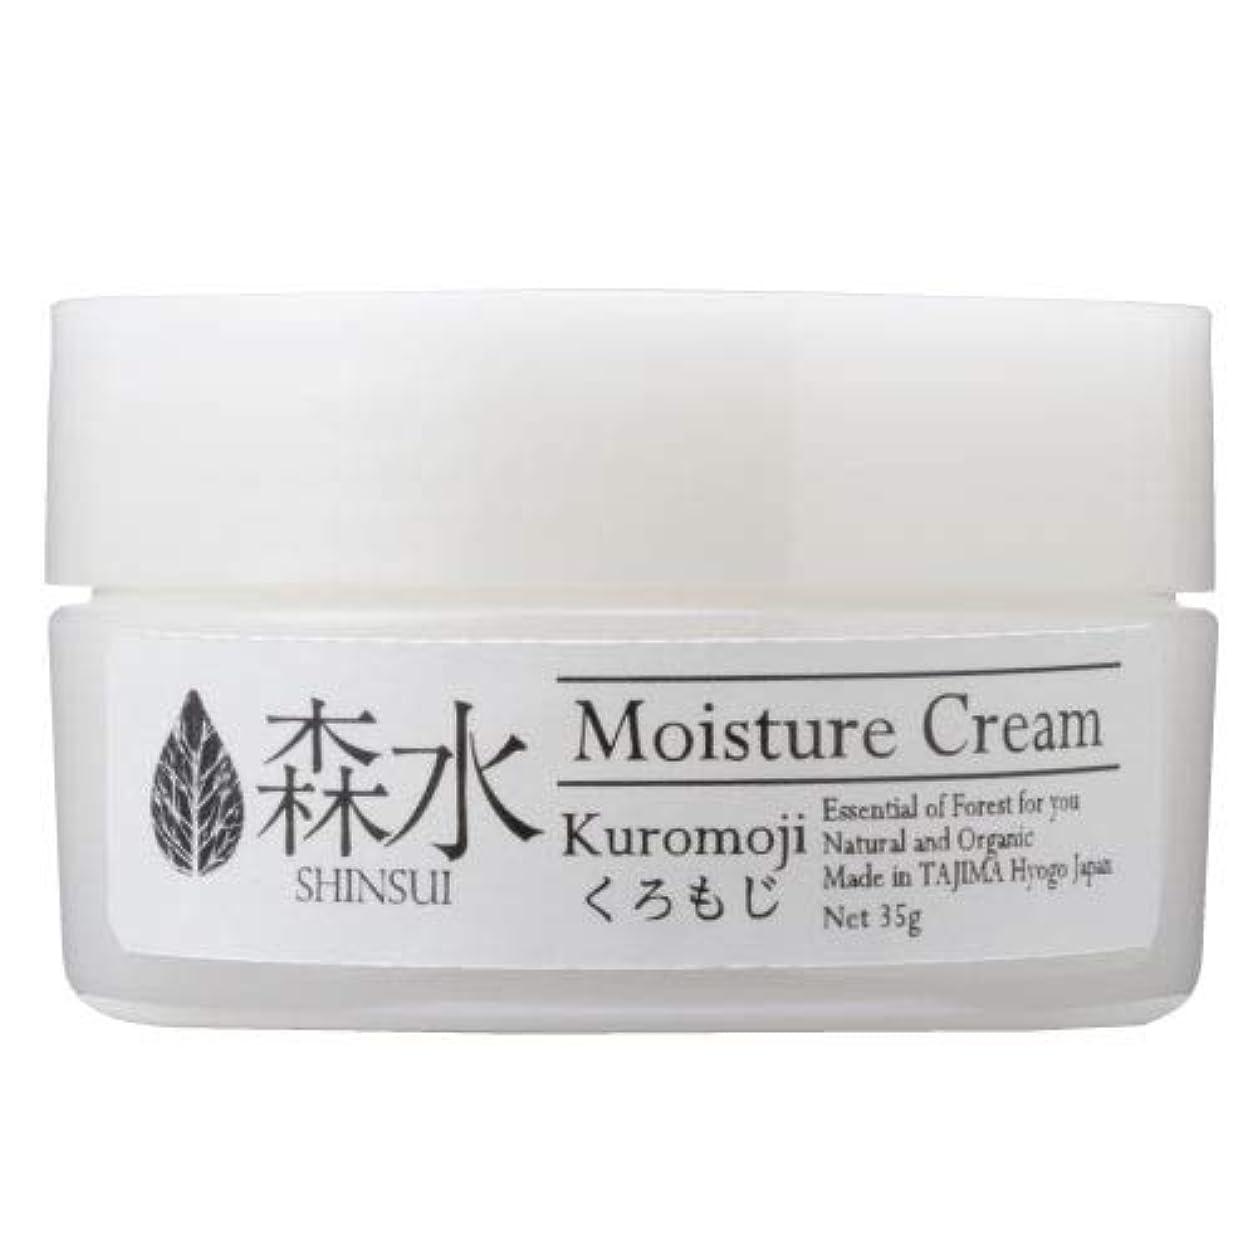 より平らな服可決森水-SHINSUI シンスイ-くろもじクリーム(Kuromoji Moisture Cream)35g